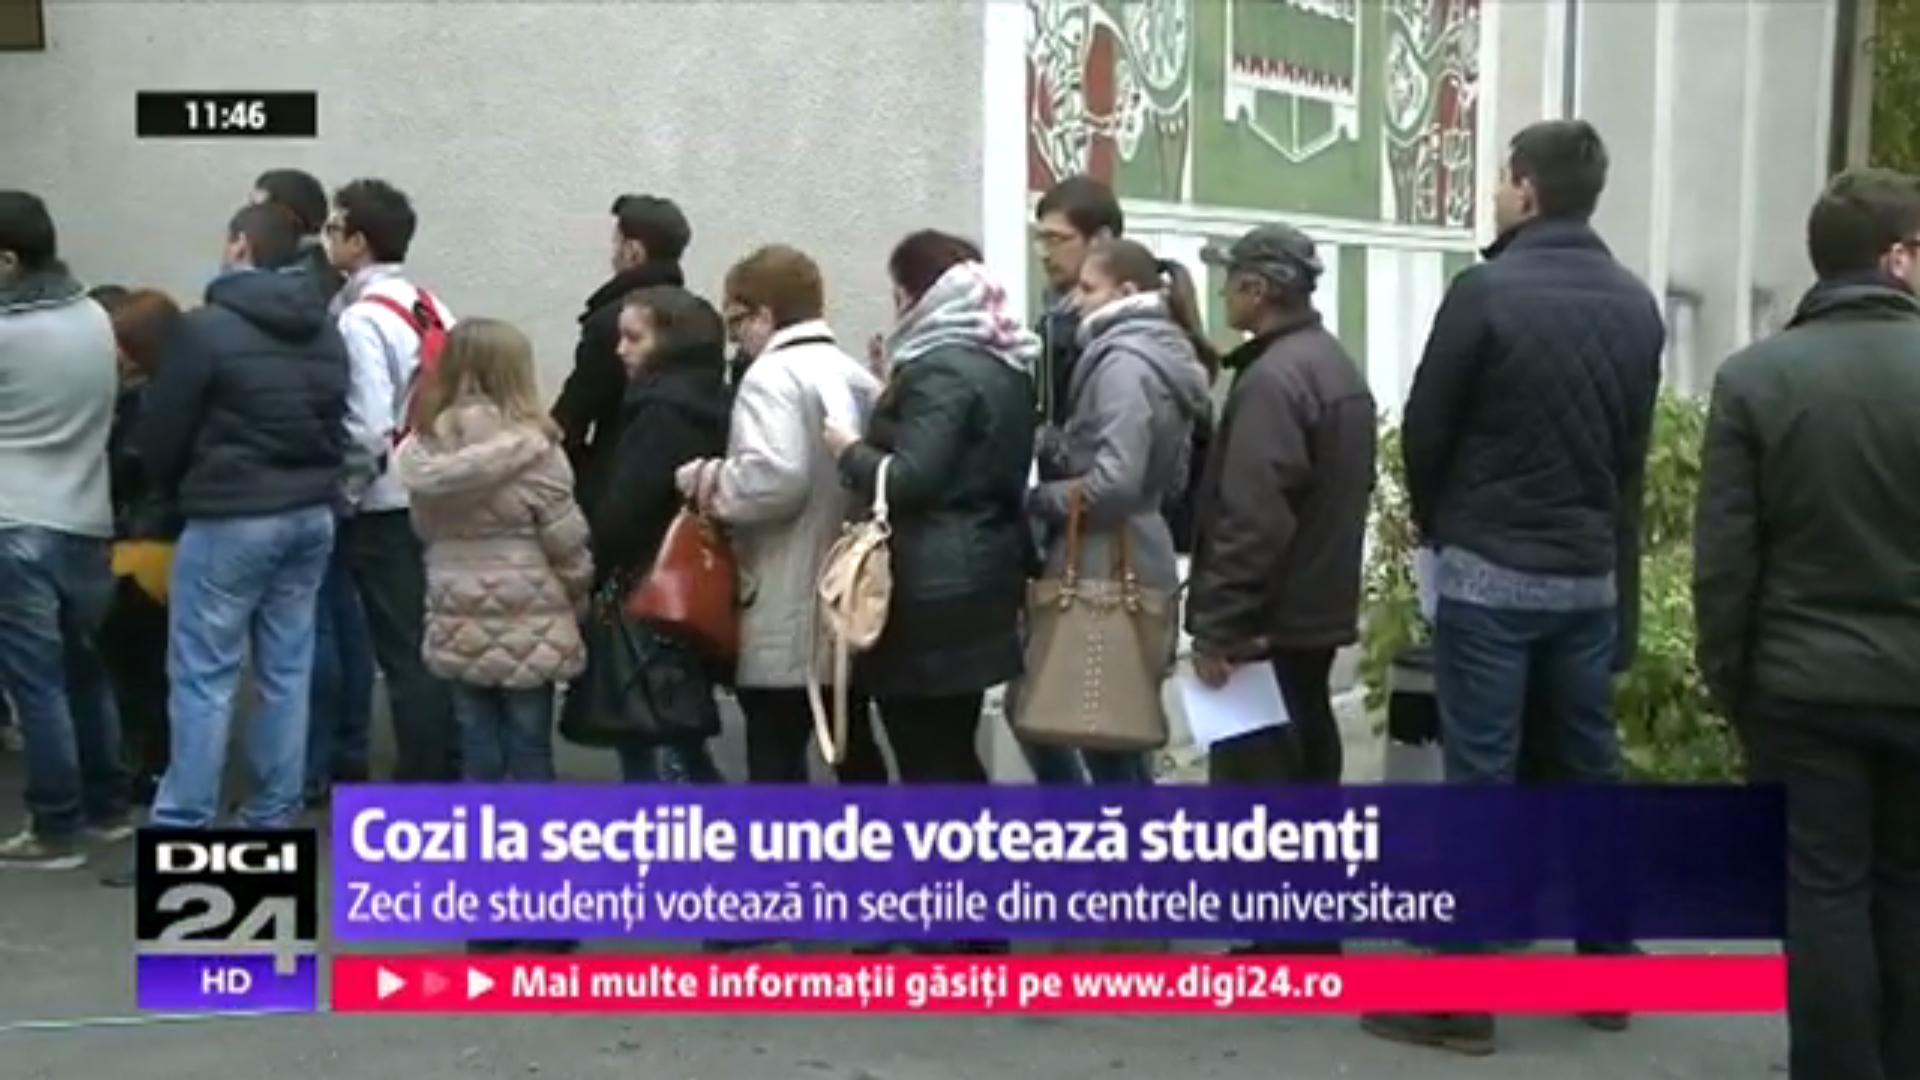 Unde voteaza studentii?